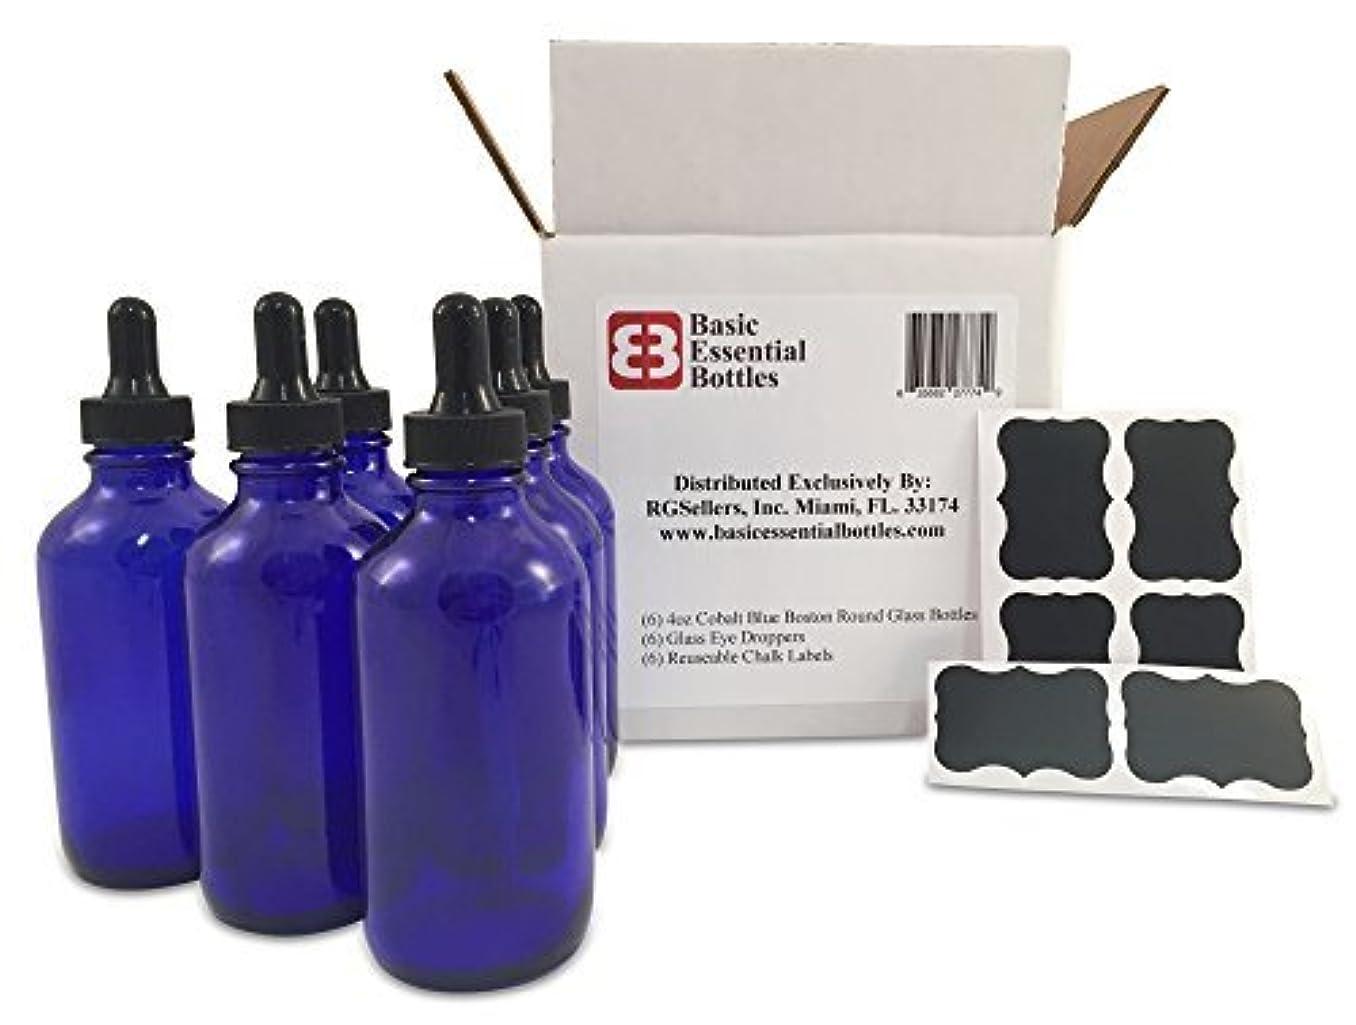 世界的に不可能なダッシュ(6) 4 oz Empty Cobalt Blue Glass Bottles W/Glass Eye Droppers and (6) Chalk Labels for Essential Oils, Aromatherapy...